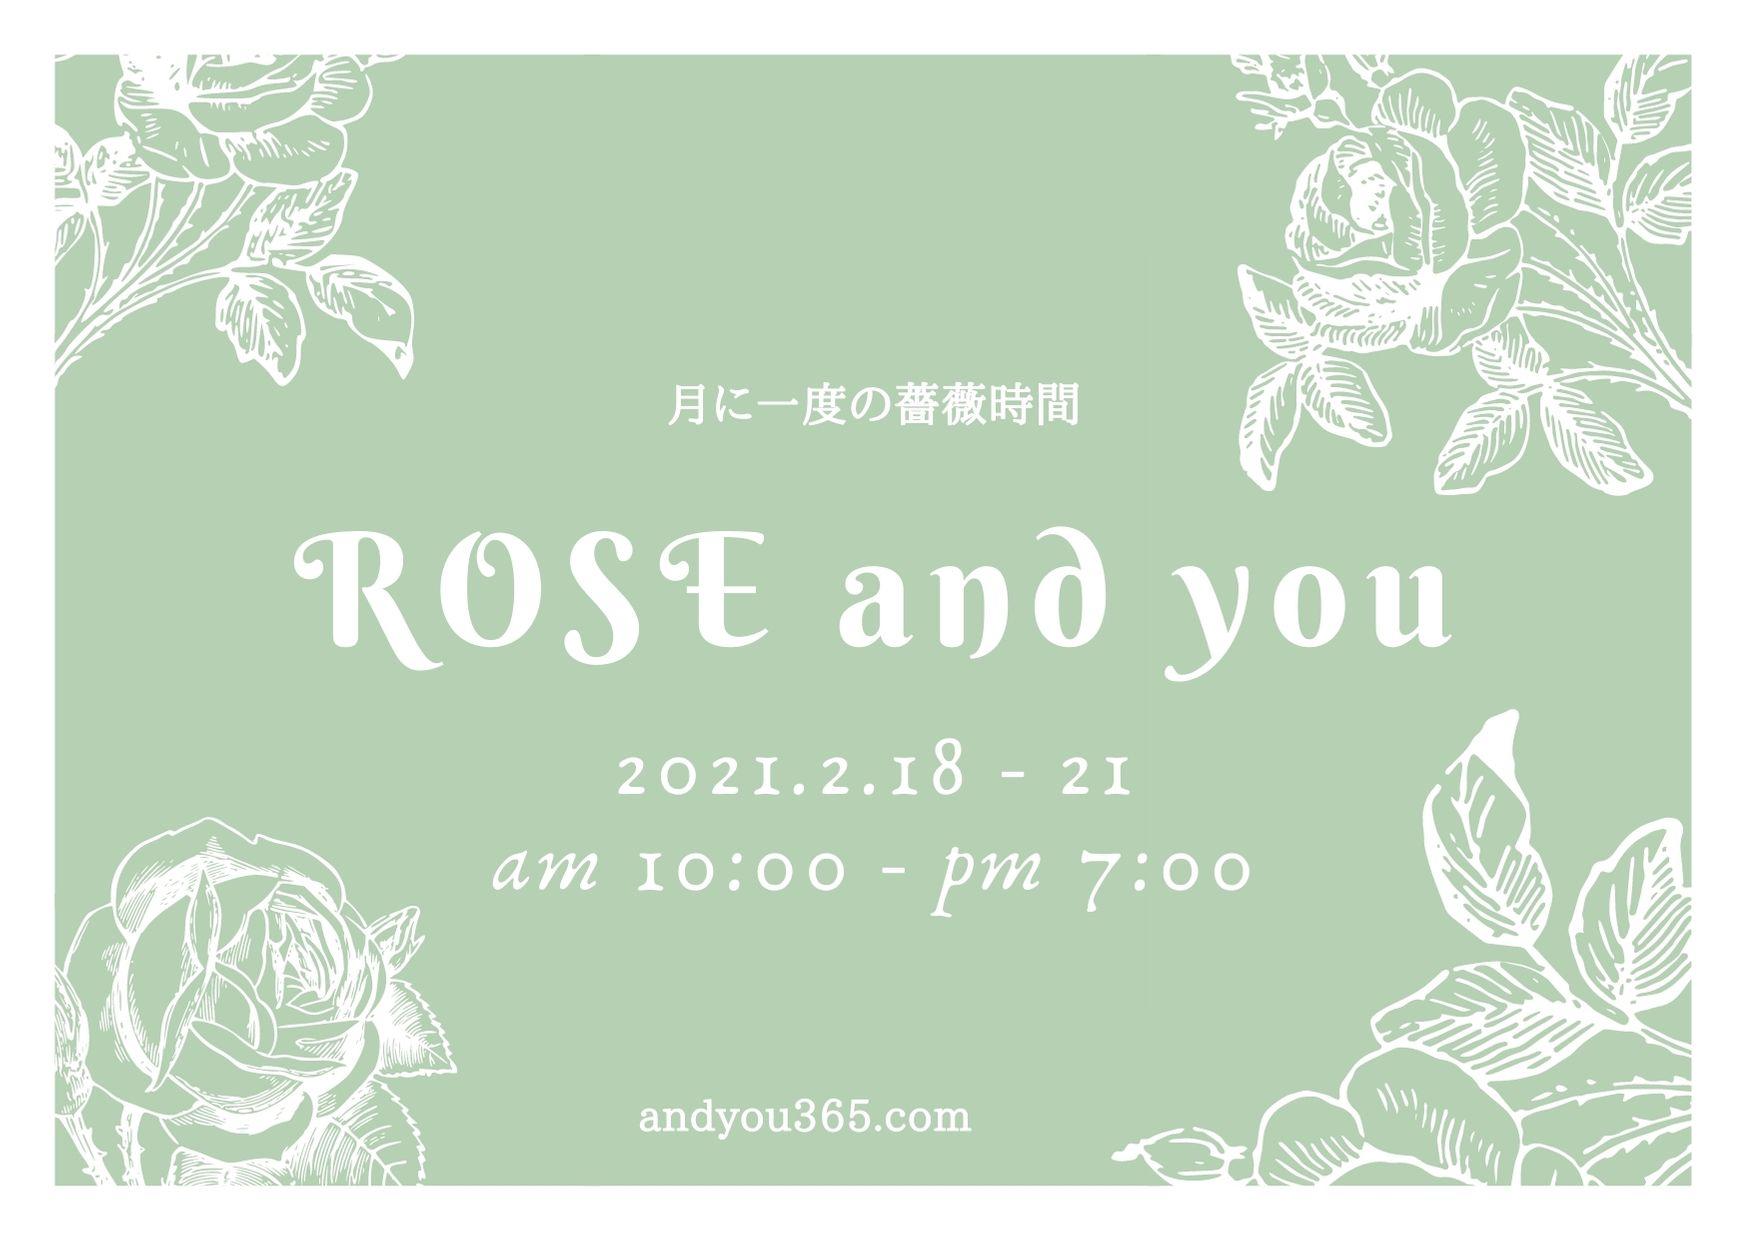 2月18日,19日,20日,21日/ROSE and you